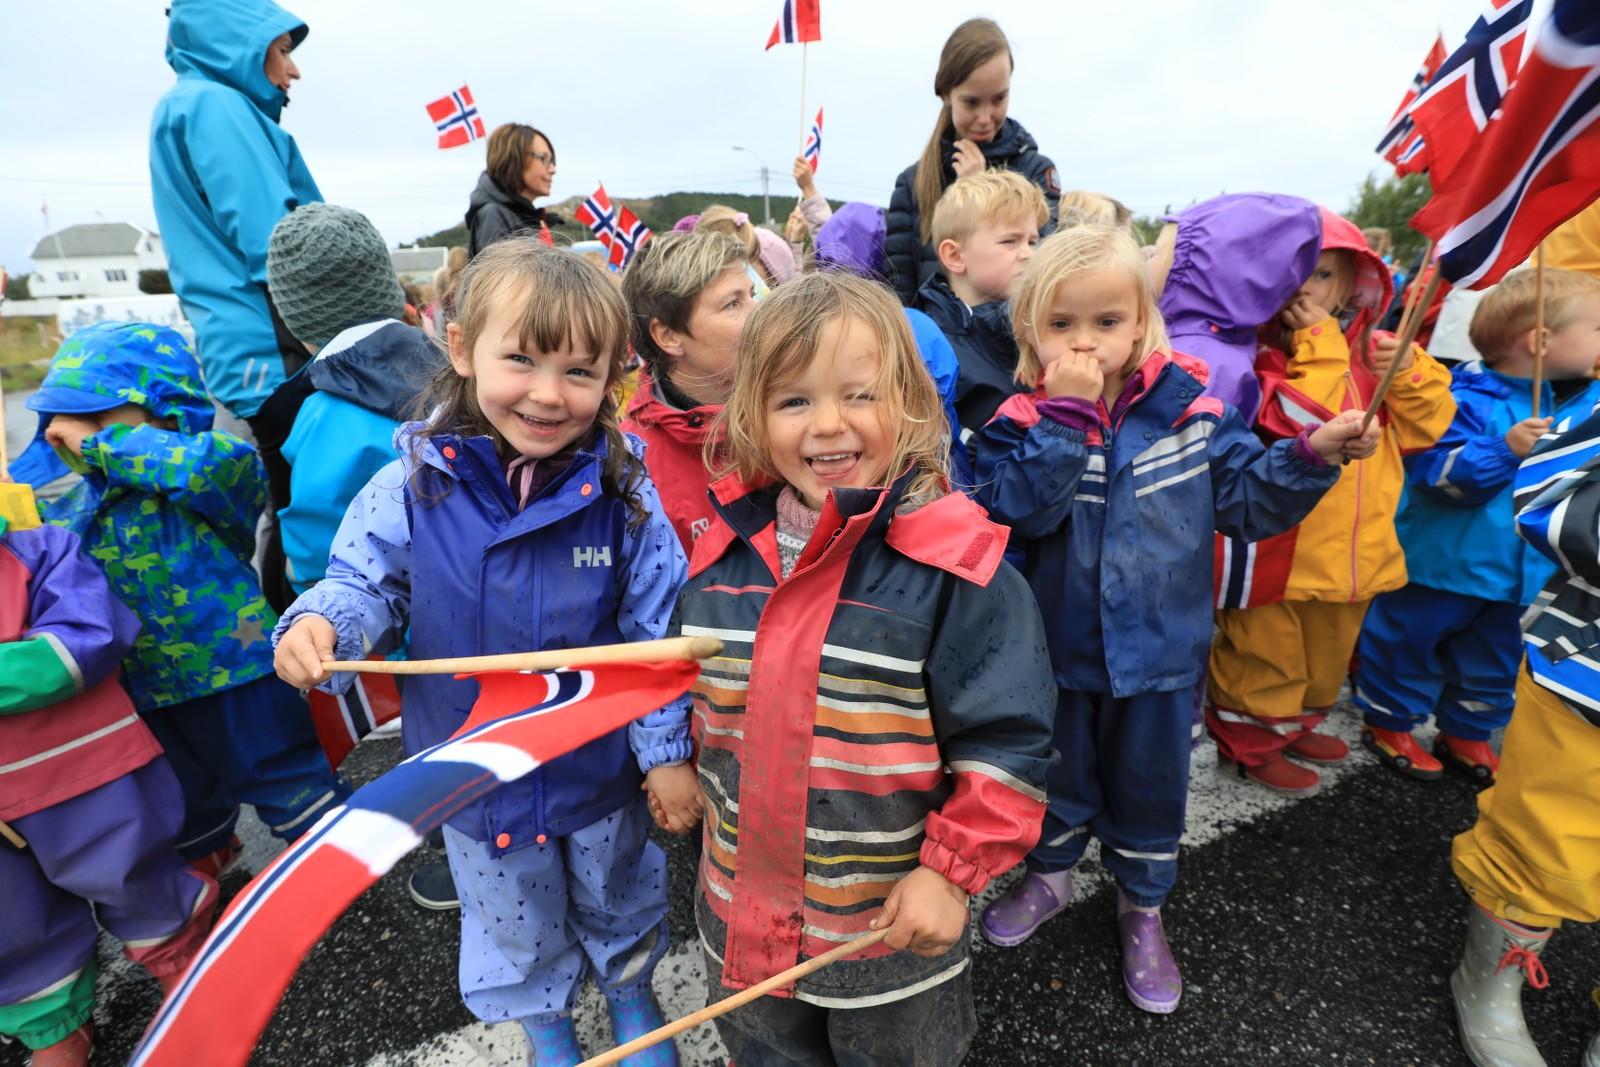 Barn fra Myra barnehage på Valderøya hadde møtt opp for å få et glimt av Kong Harald.